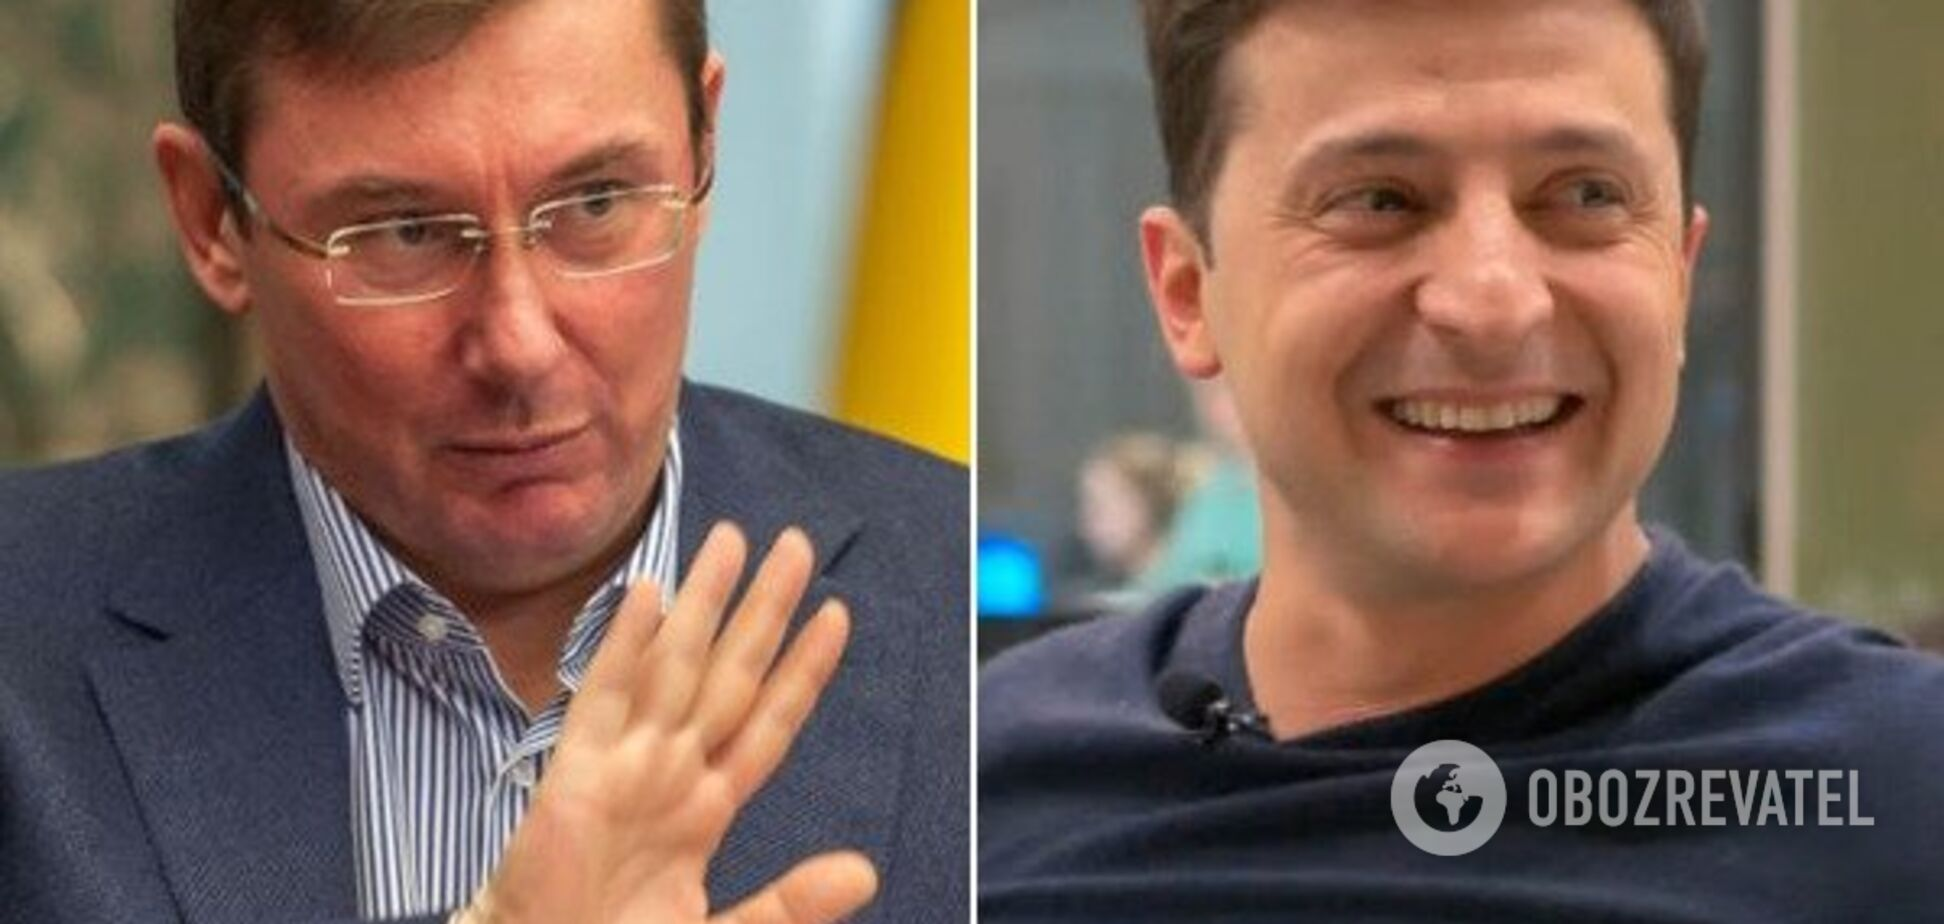 Не пригласил Луценко: в ГПУ обиделись на 'ошибку' Зеленского